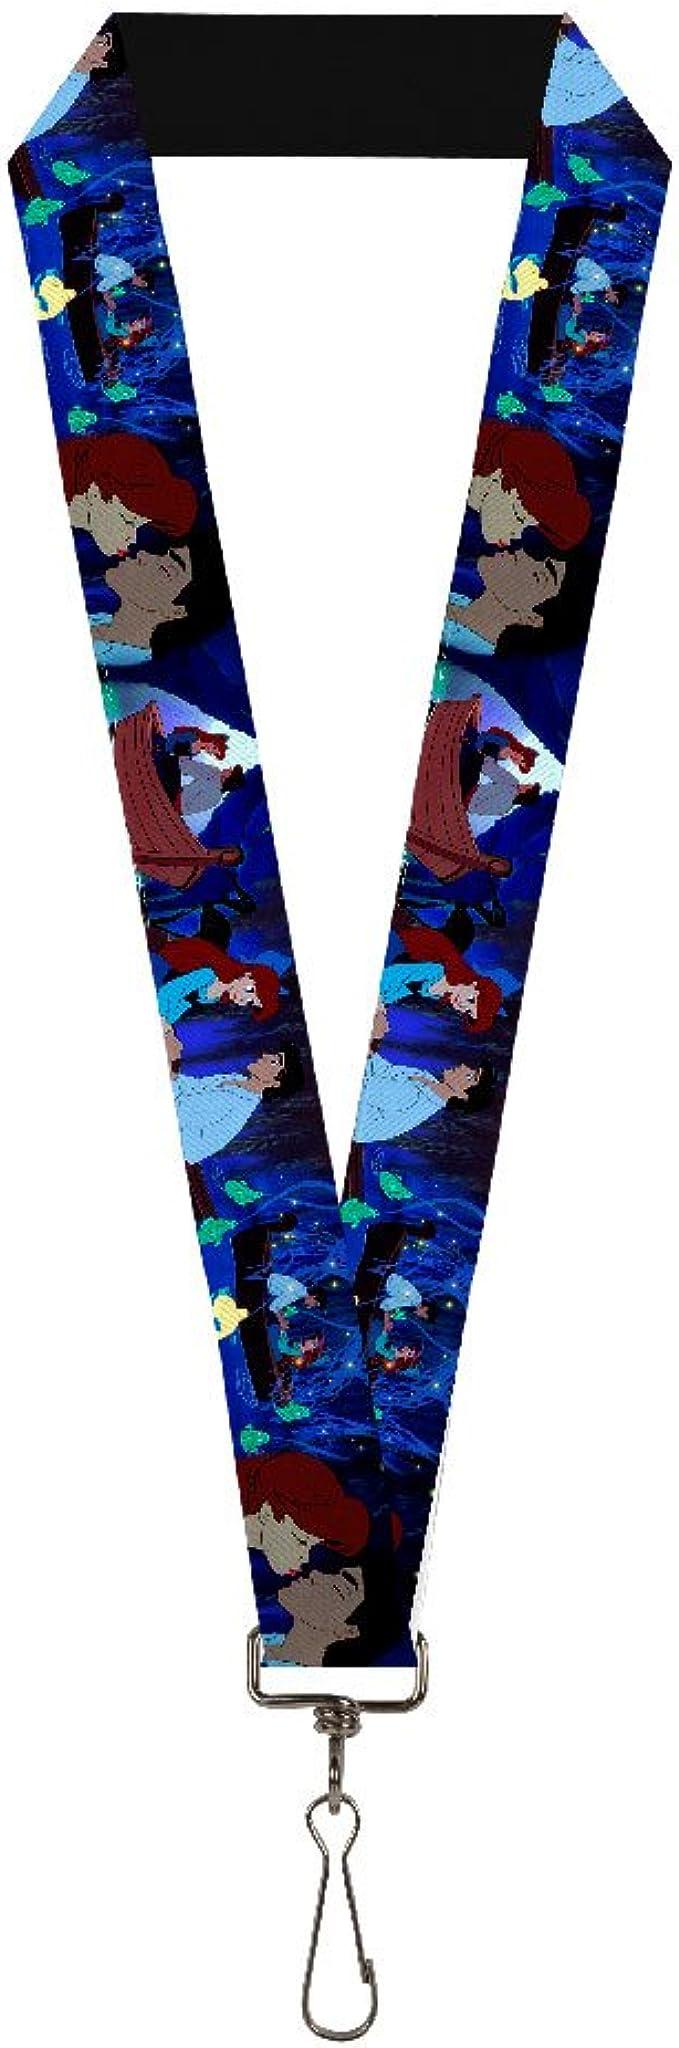 Arielle Disney Sneaker Socks Under The Sea 5 Pares de Elbenwald